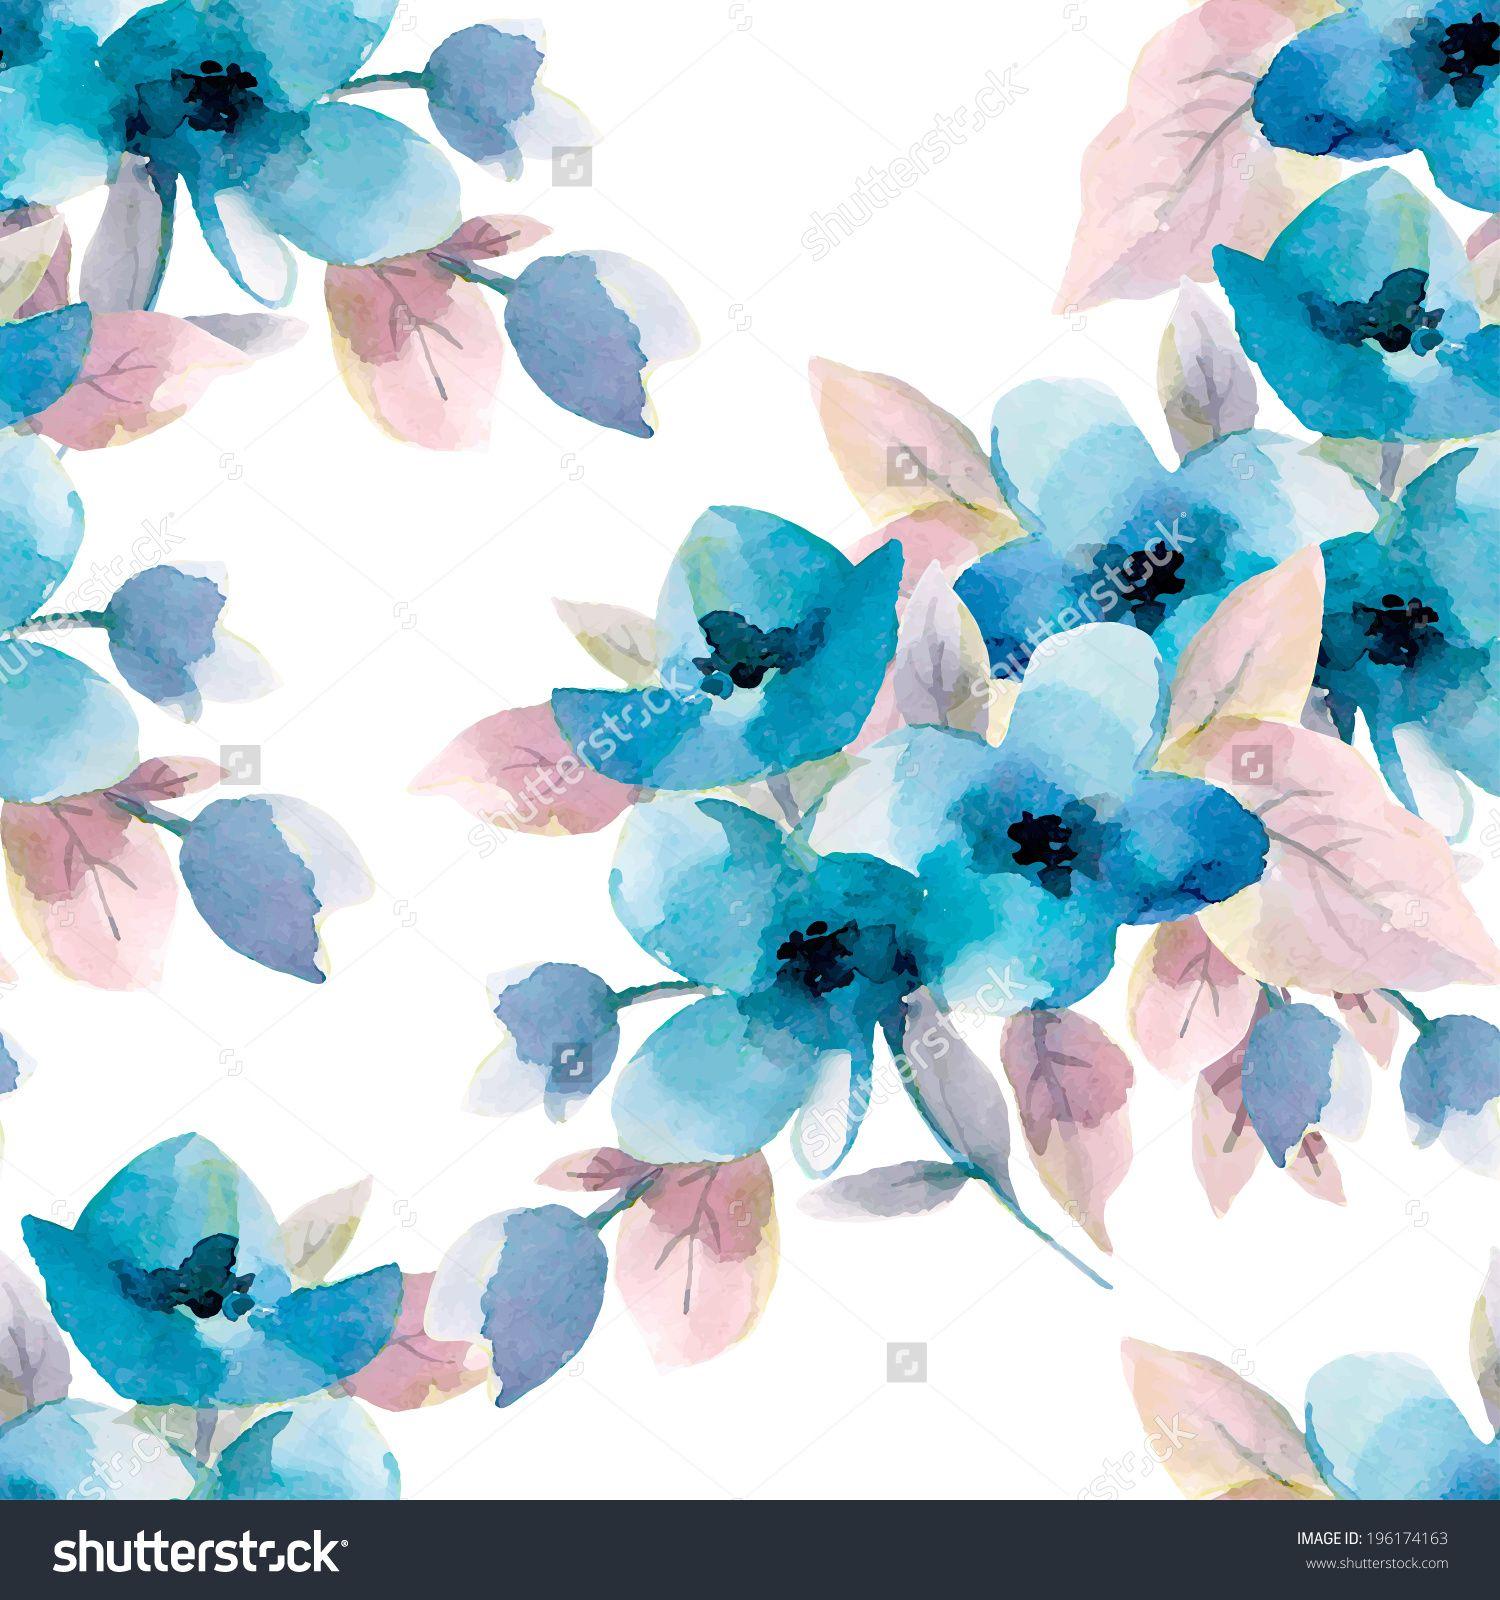 2018 年の watercolor seamless pattern with blue flowers フラワー